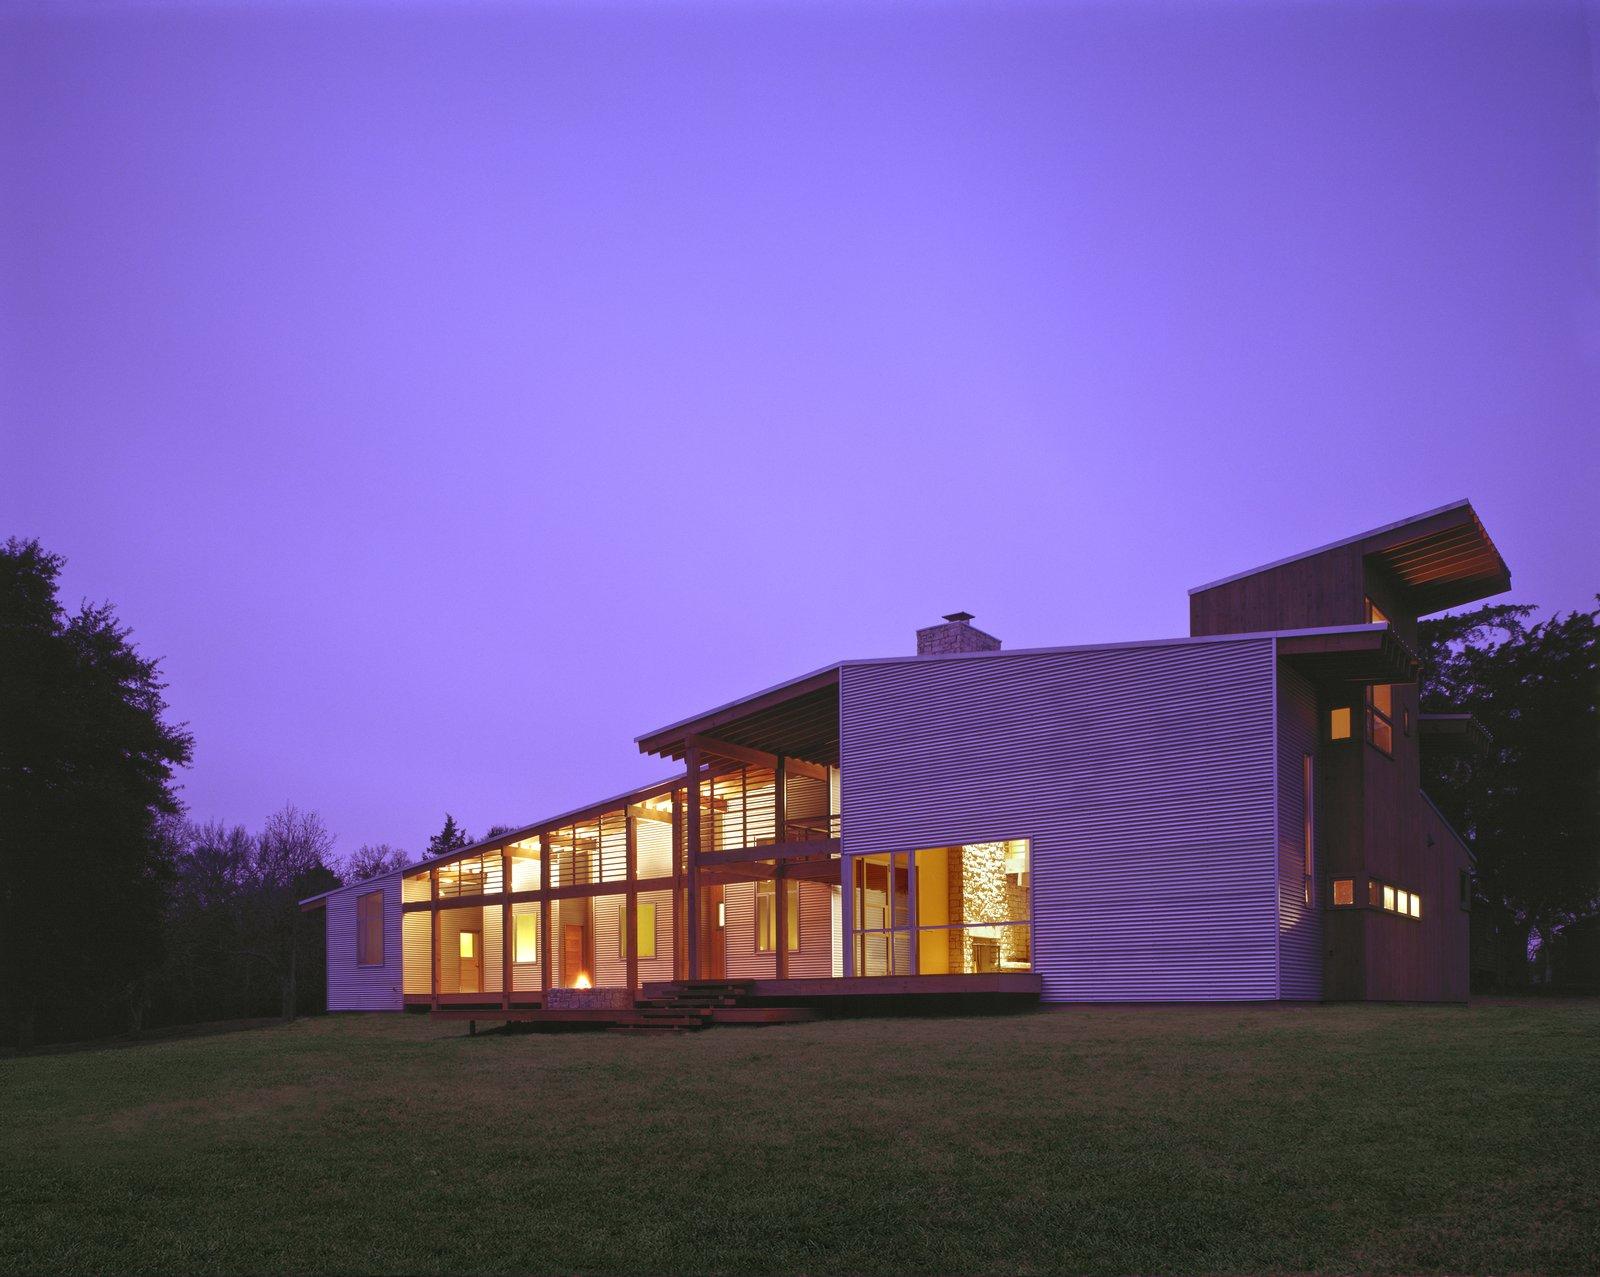 Lummis Residence at Dusk